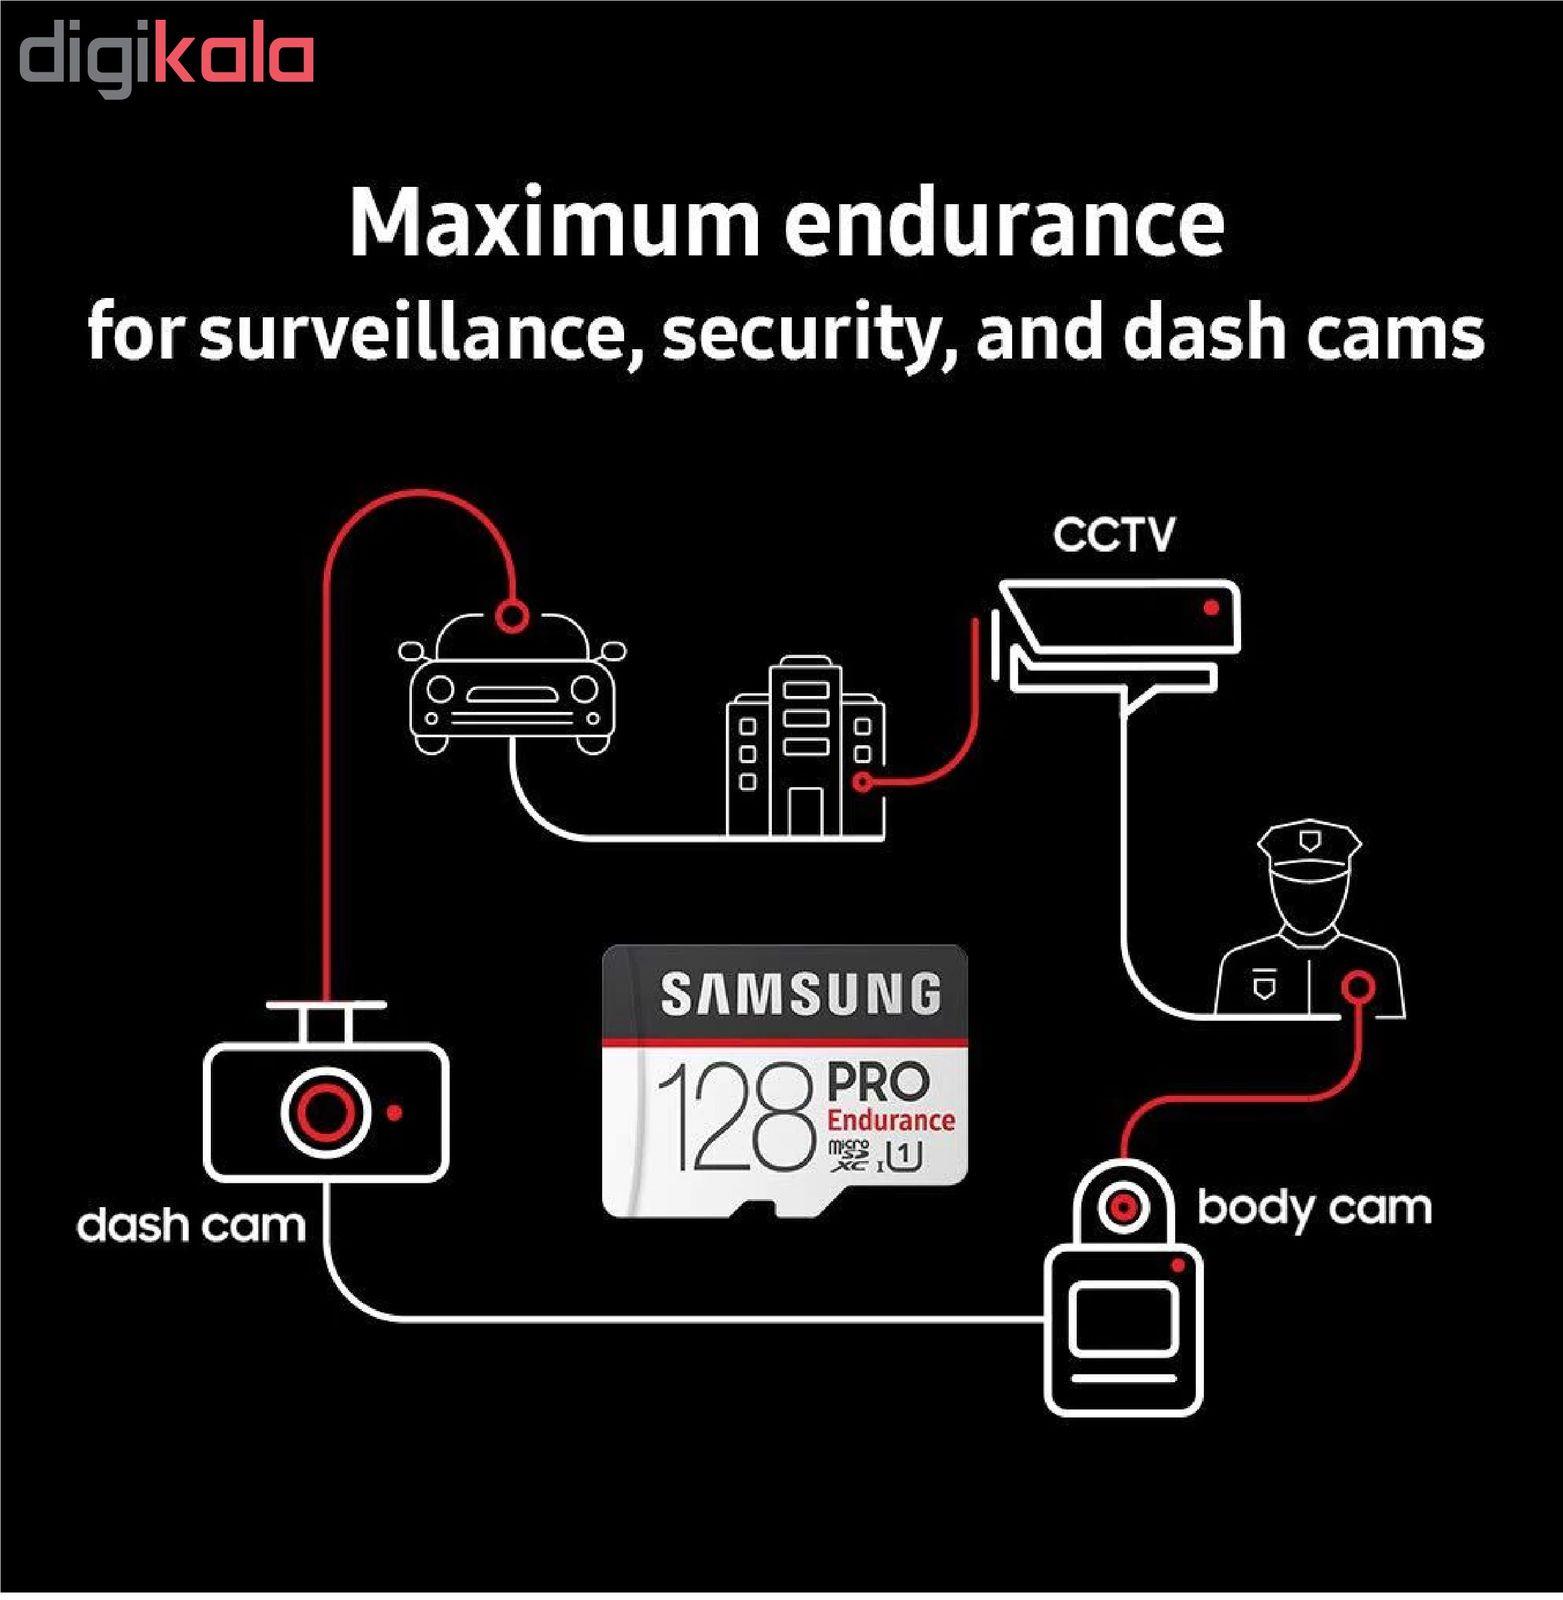 کارت حافظه microSDXC سامسونگ مدل PRO Endurance کلاس 10 استاندارد UHS-I U1 سرعت 80MBps ظرفیت 32 گیگابایت به همراه آداپتور SD main 1 3